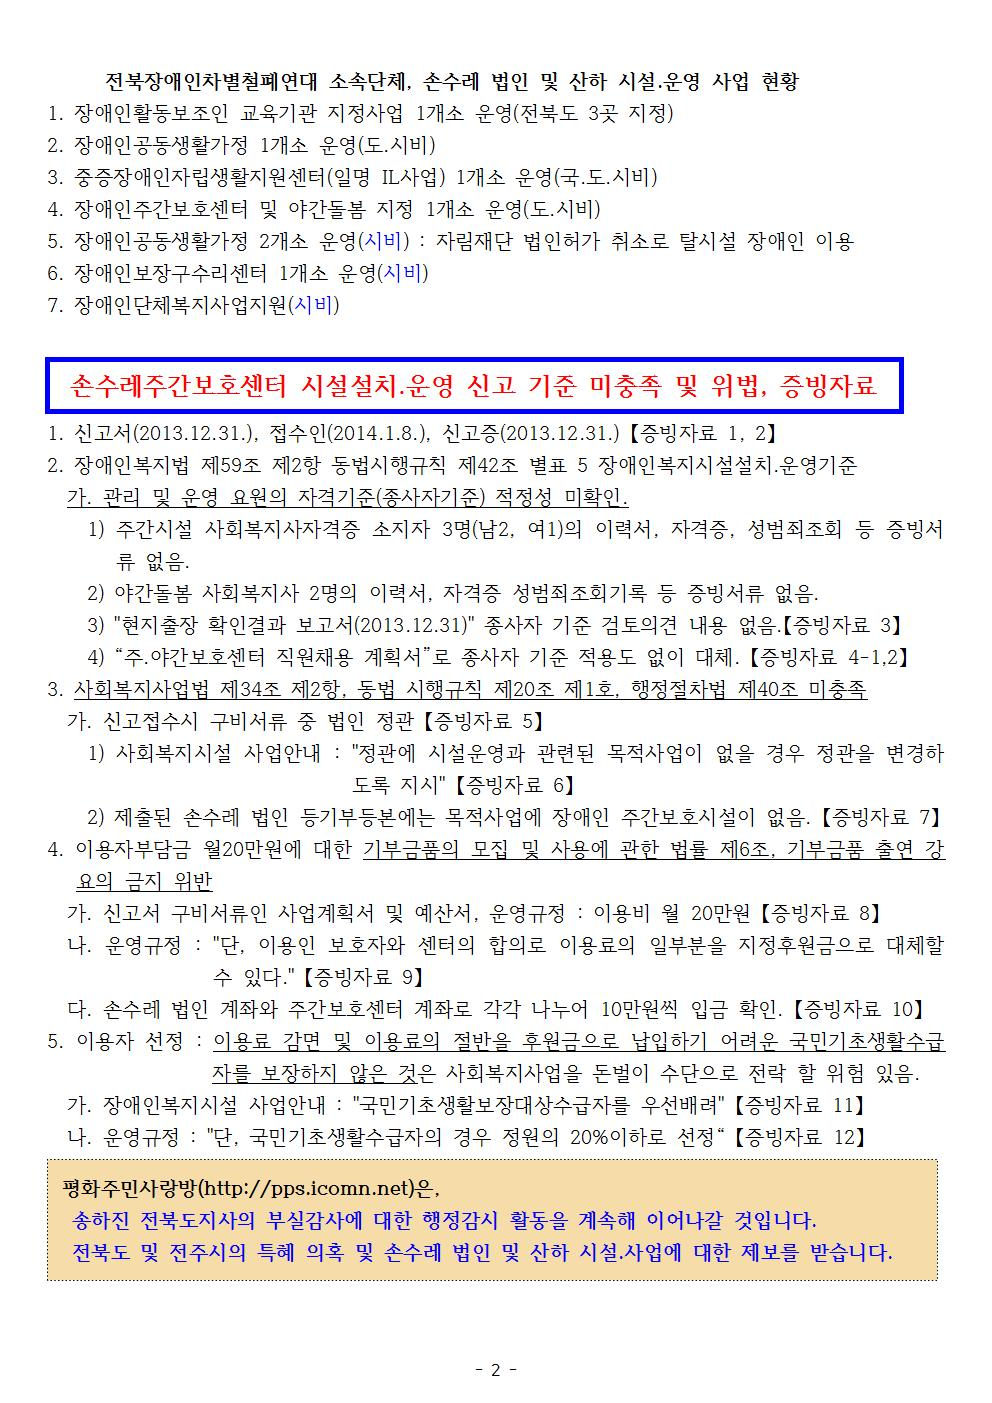 2013년 12월 31일 전주시(전북도), 손수레주간보호센터 신고에서 수리까지 모두 당일에 OK002.jpg